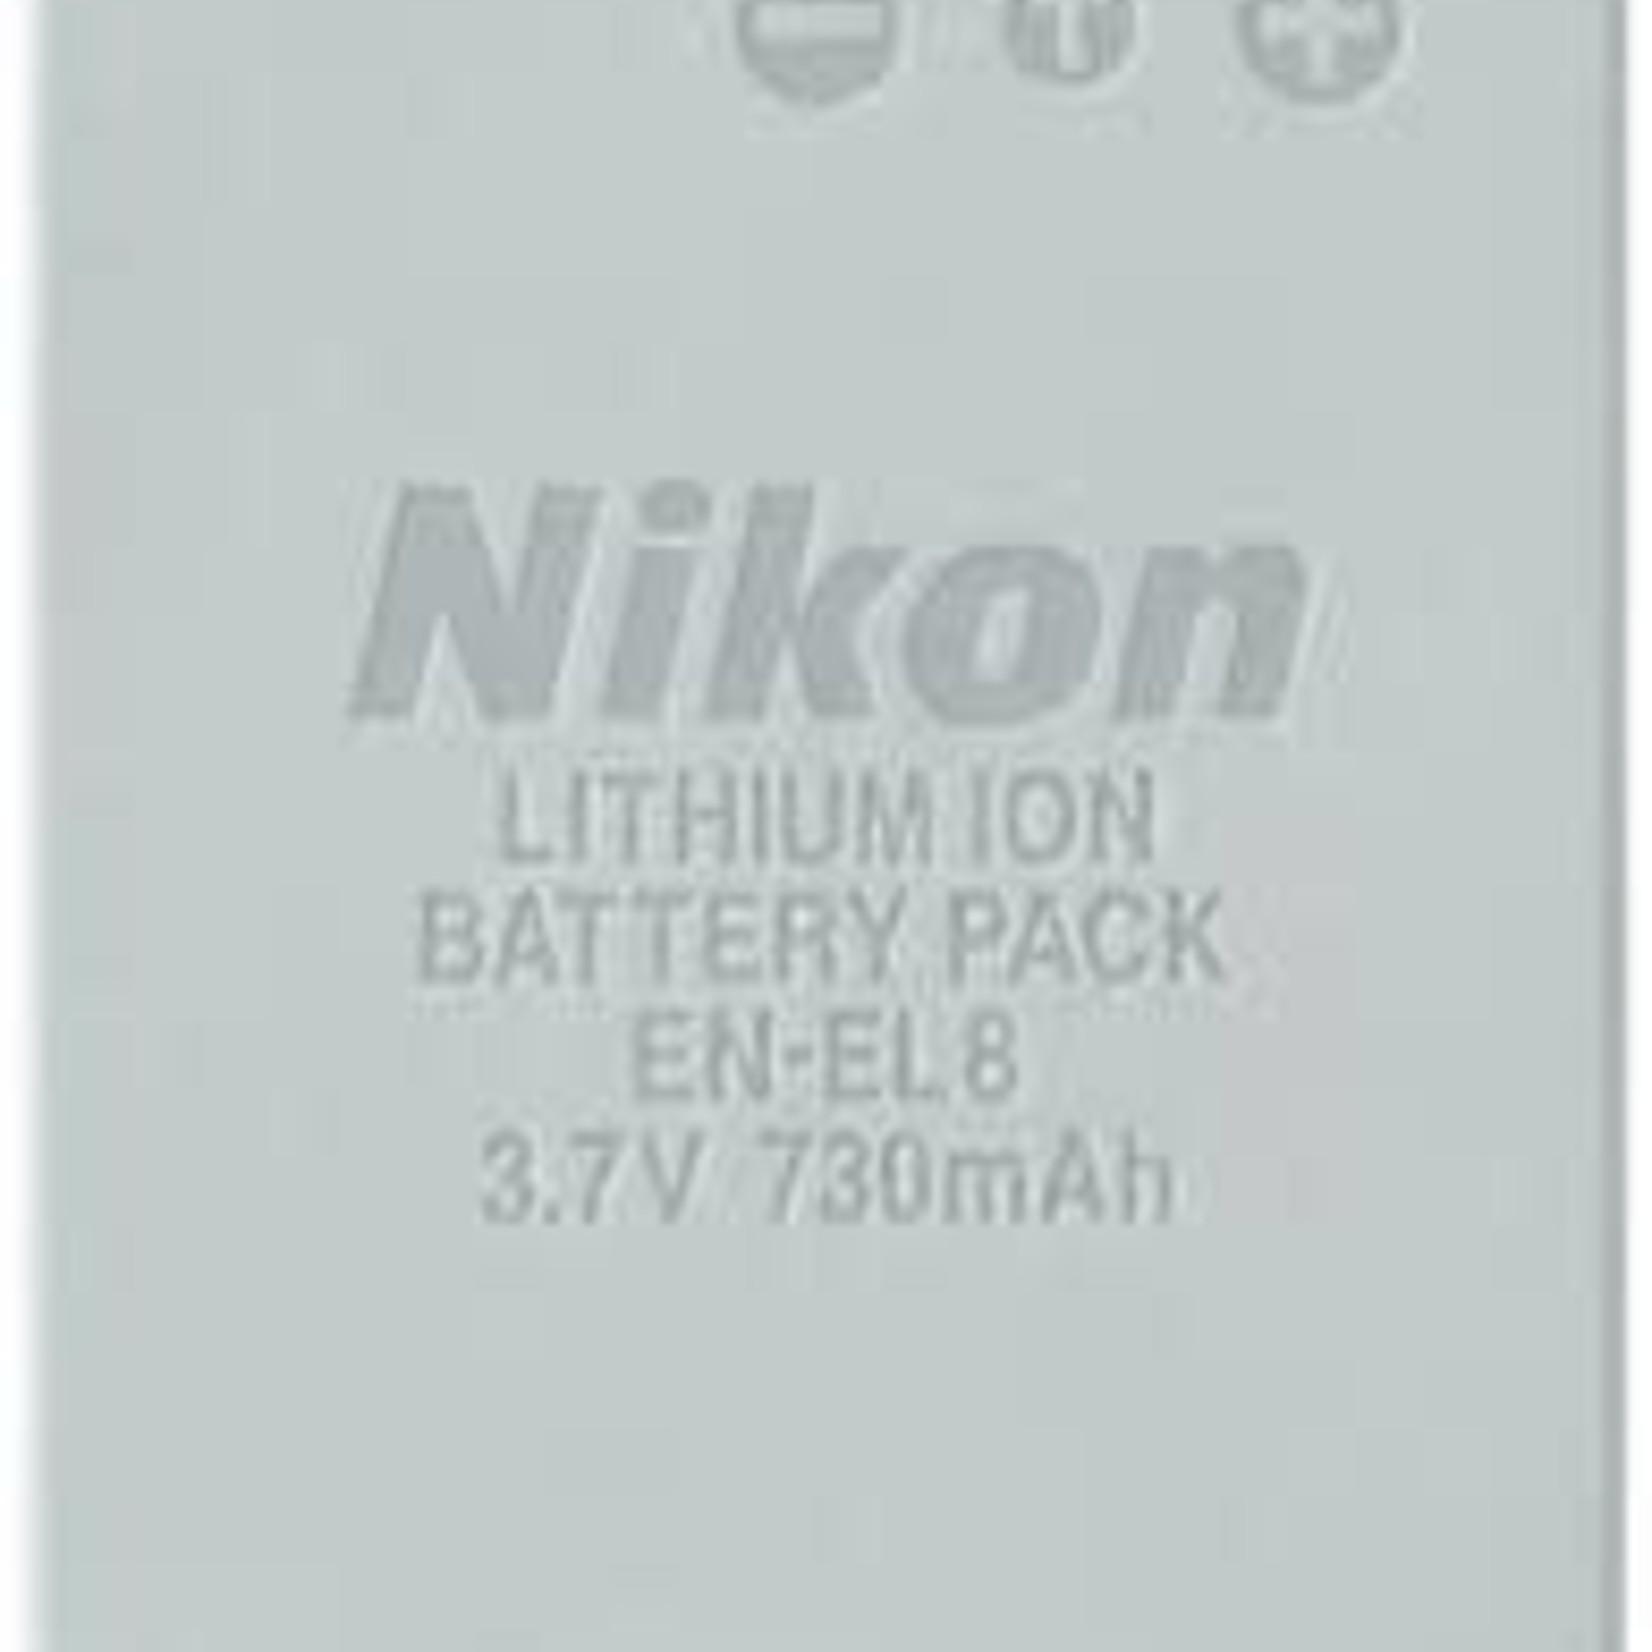 Nikon Nikon EN-EL8 Lithium-Ion Battery (3.7v 730mAh) for Coolpix P1, P2, S1, S2 & S3 Digital Camera